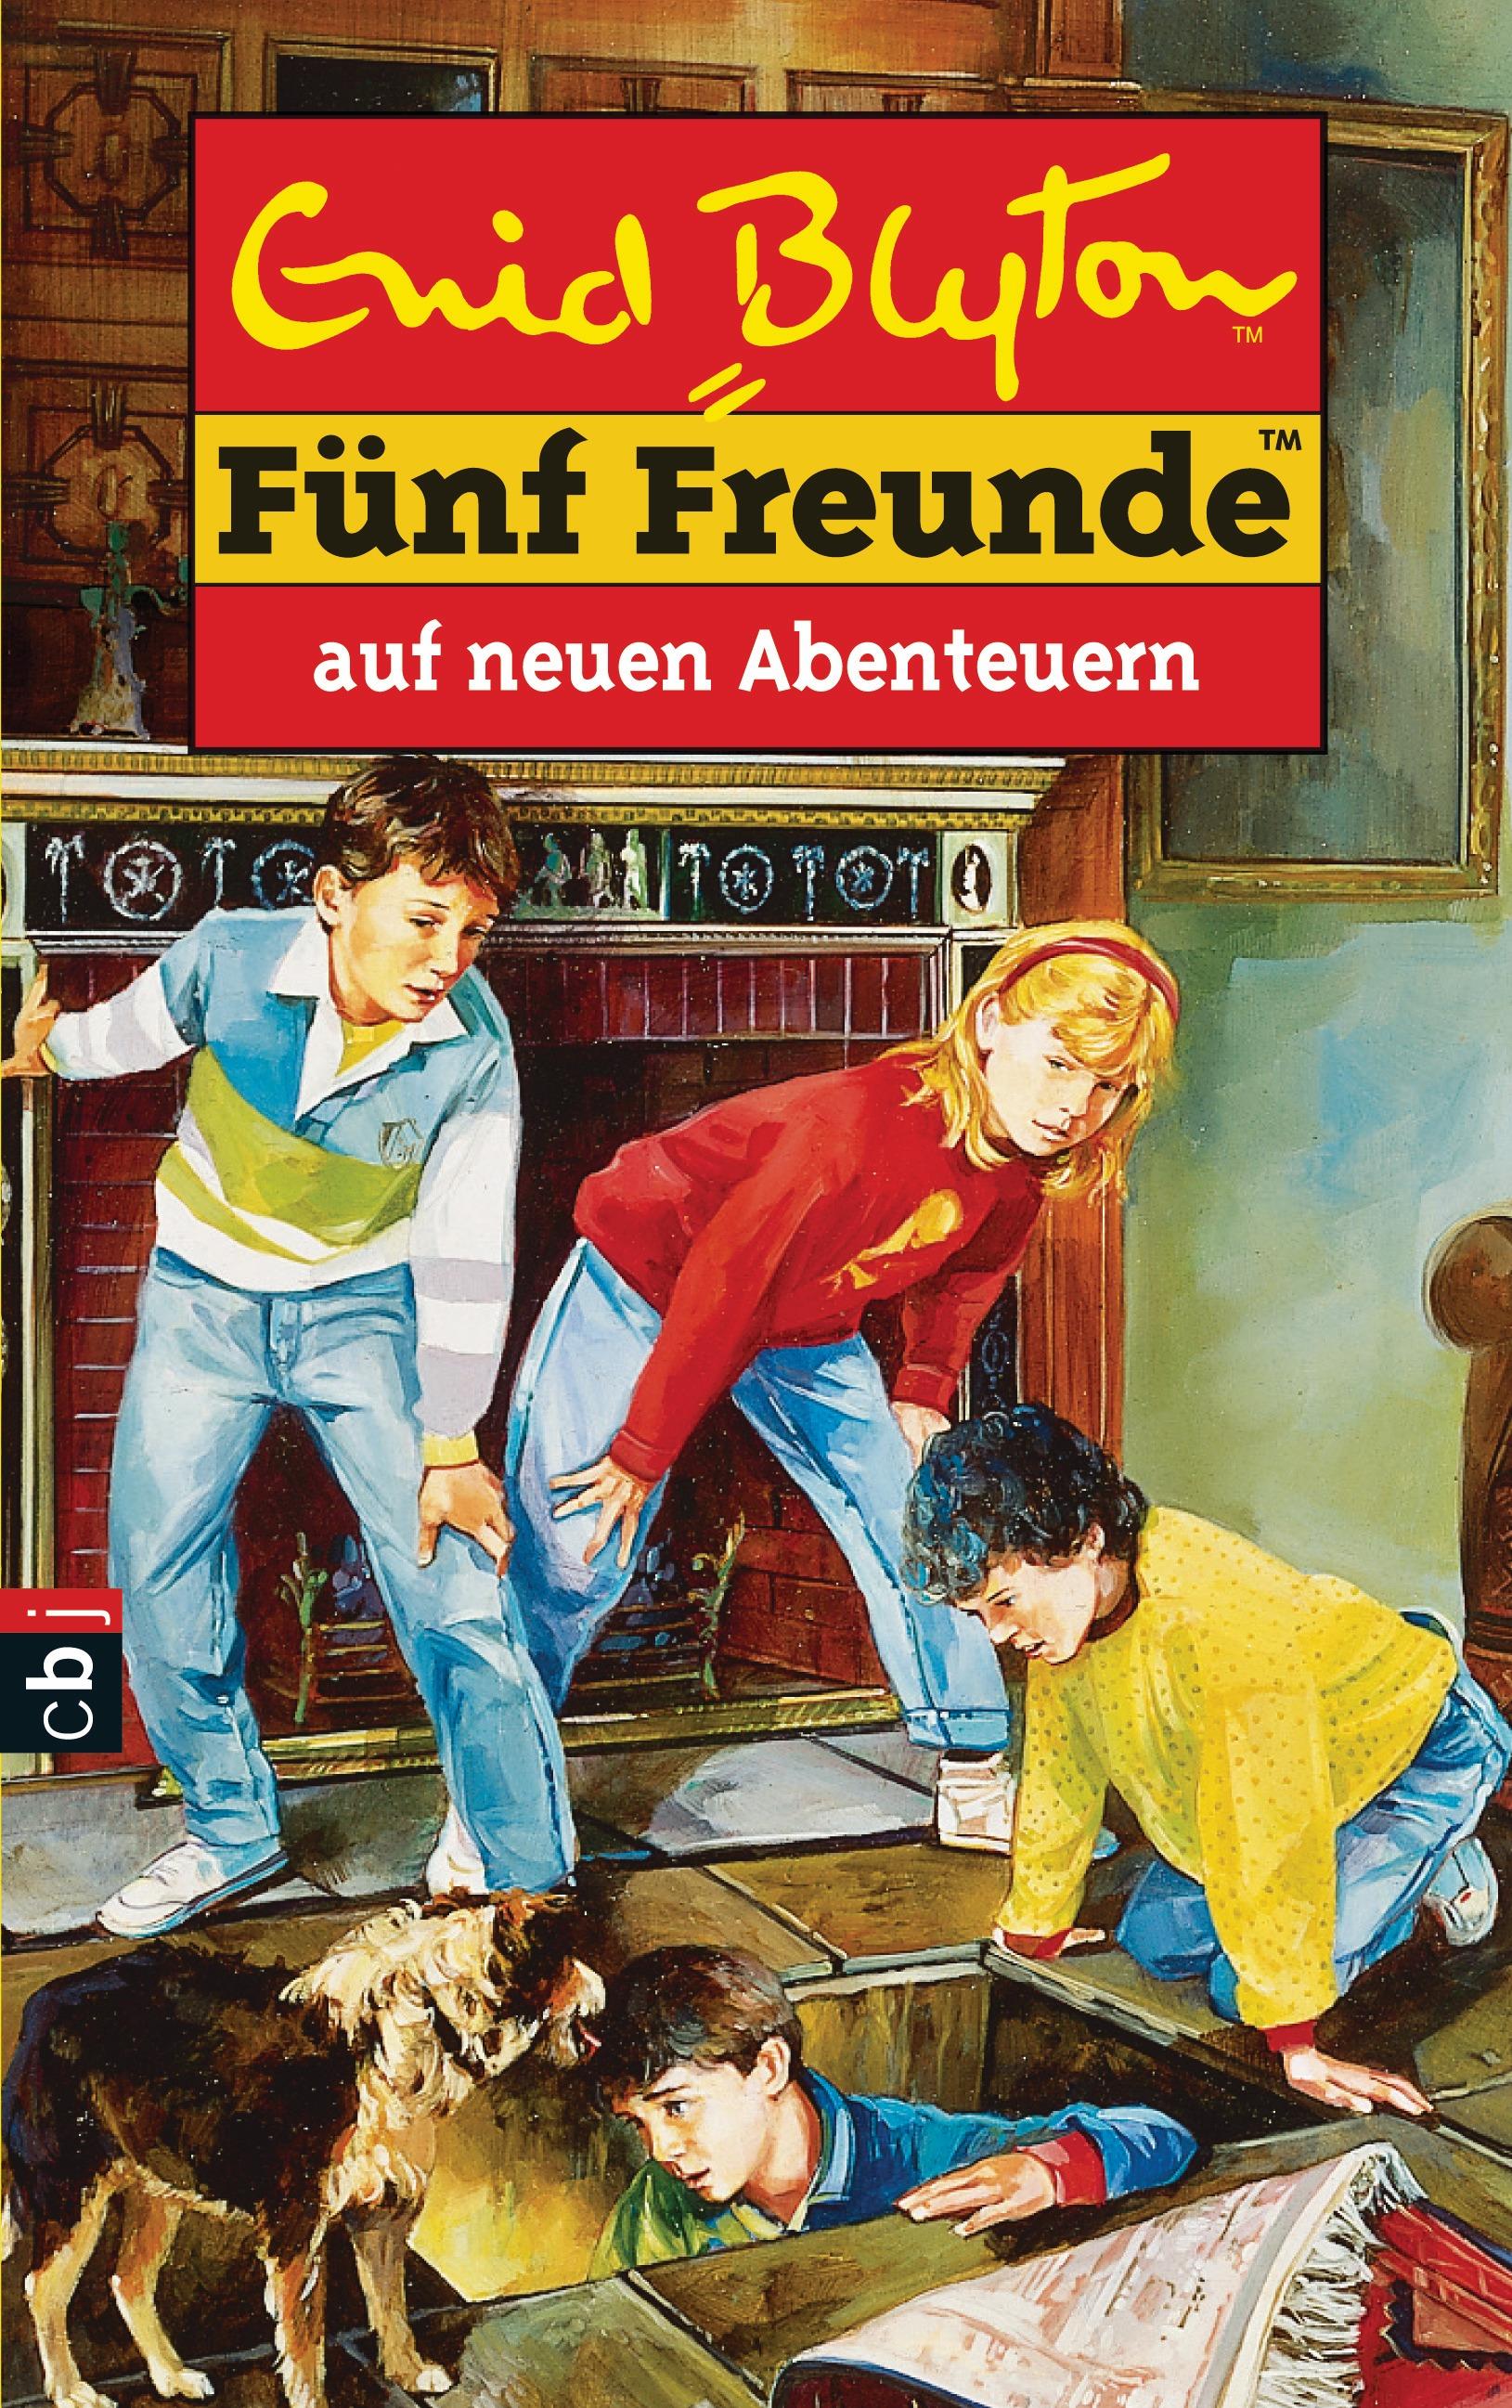 Fünf Freunde: Band 2 - Fünf Freunde auf neuen Abenteuern - Enid Blyton [Gebundene Ausgabe]